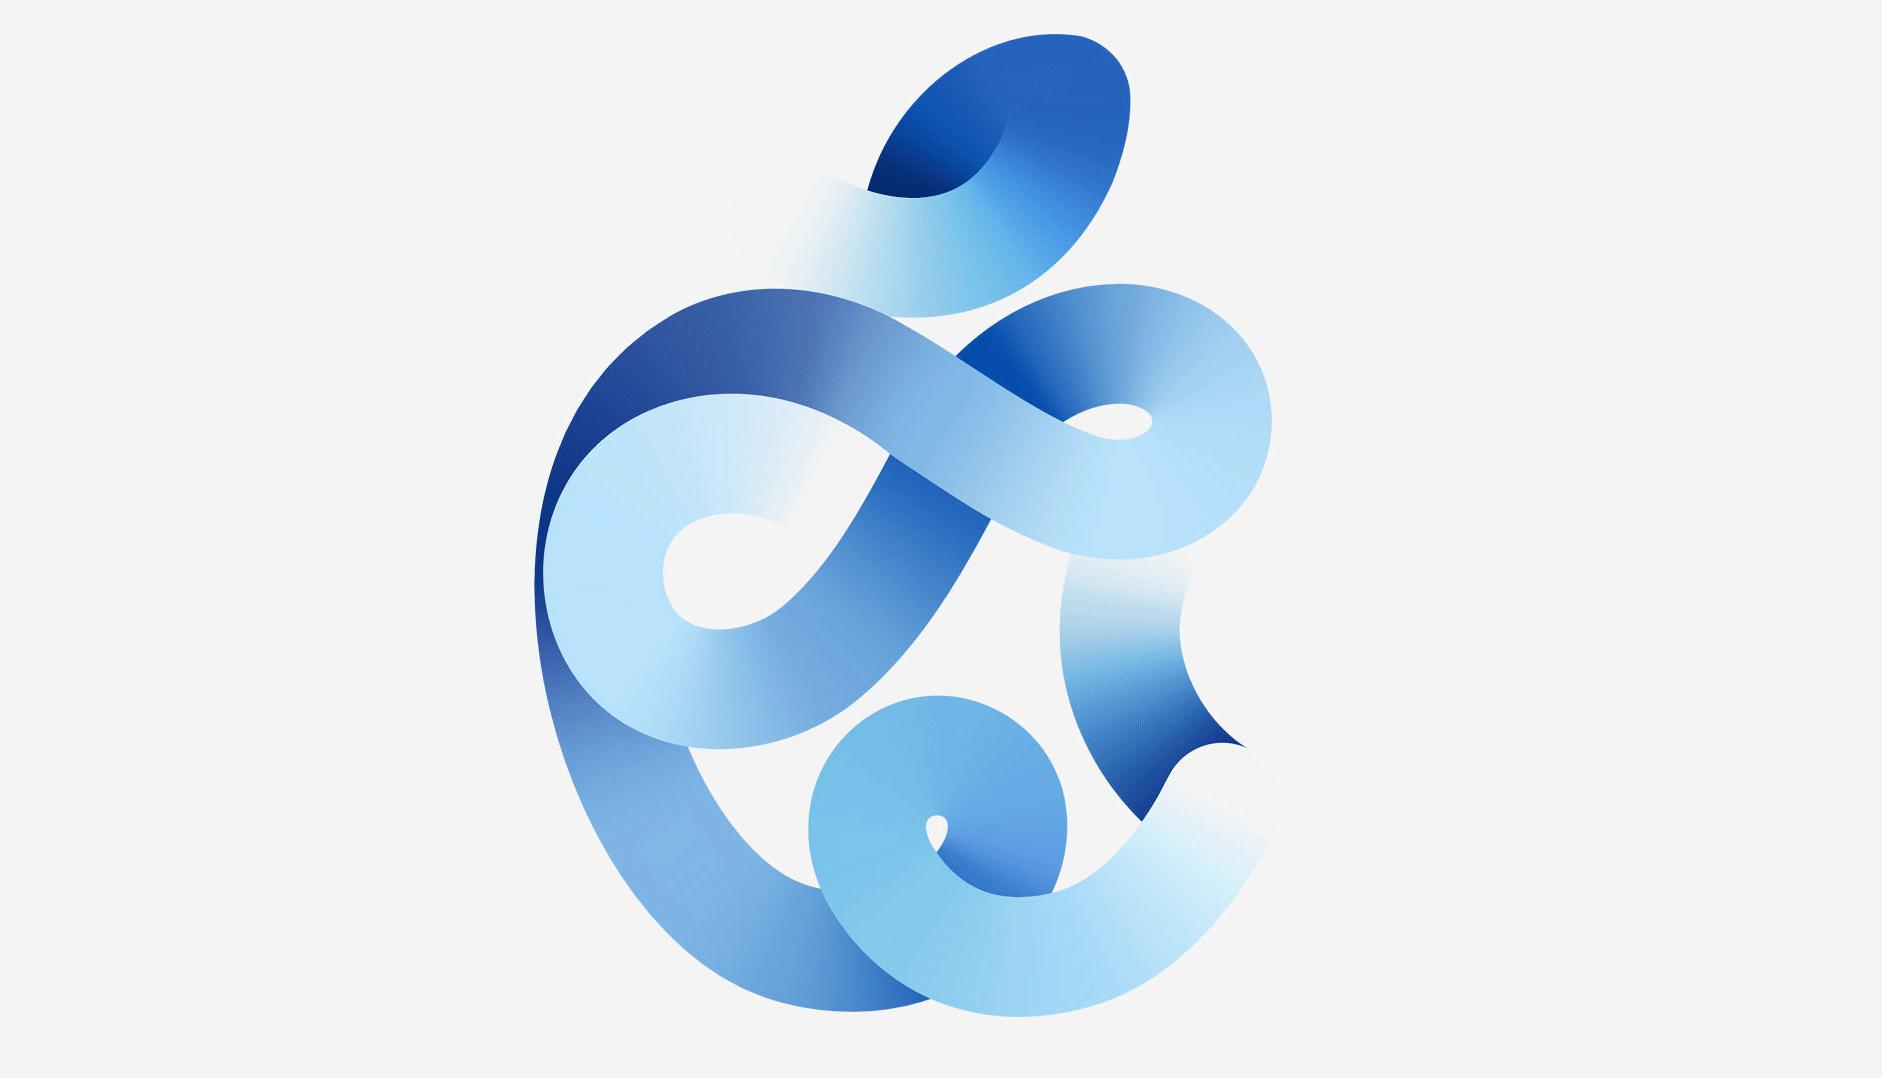 Apple Event am 15. September 2020